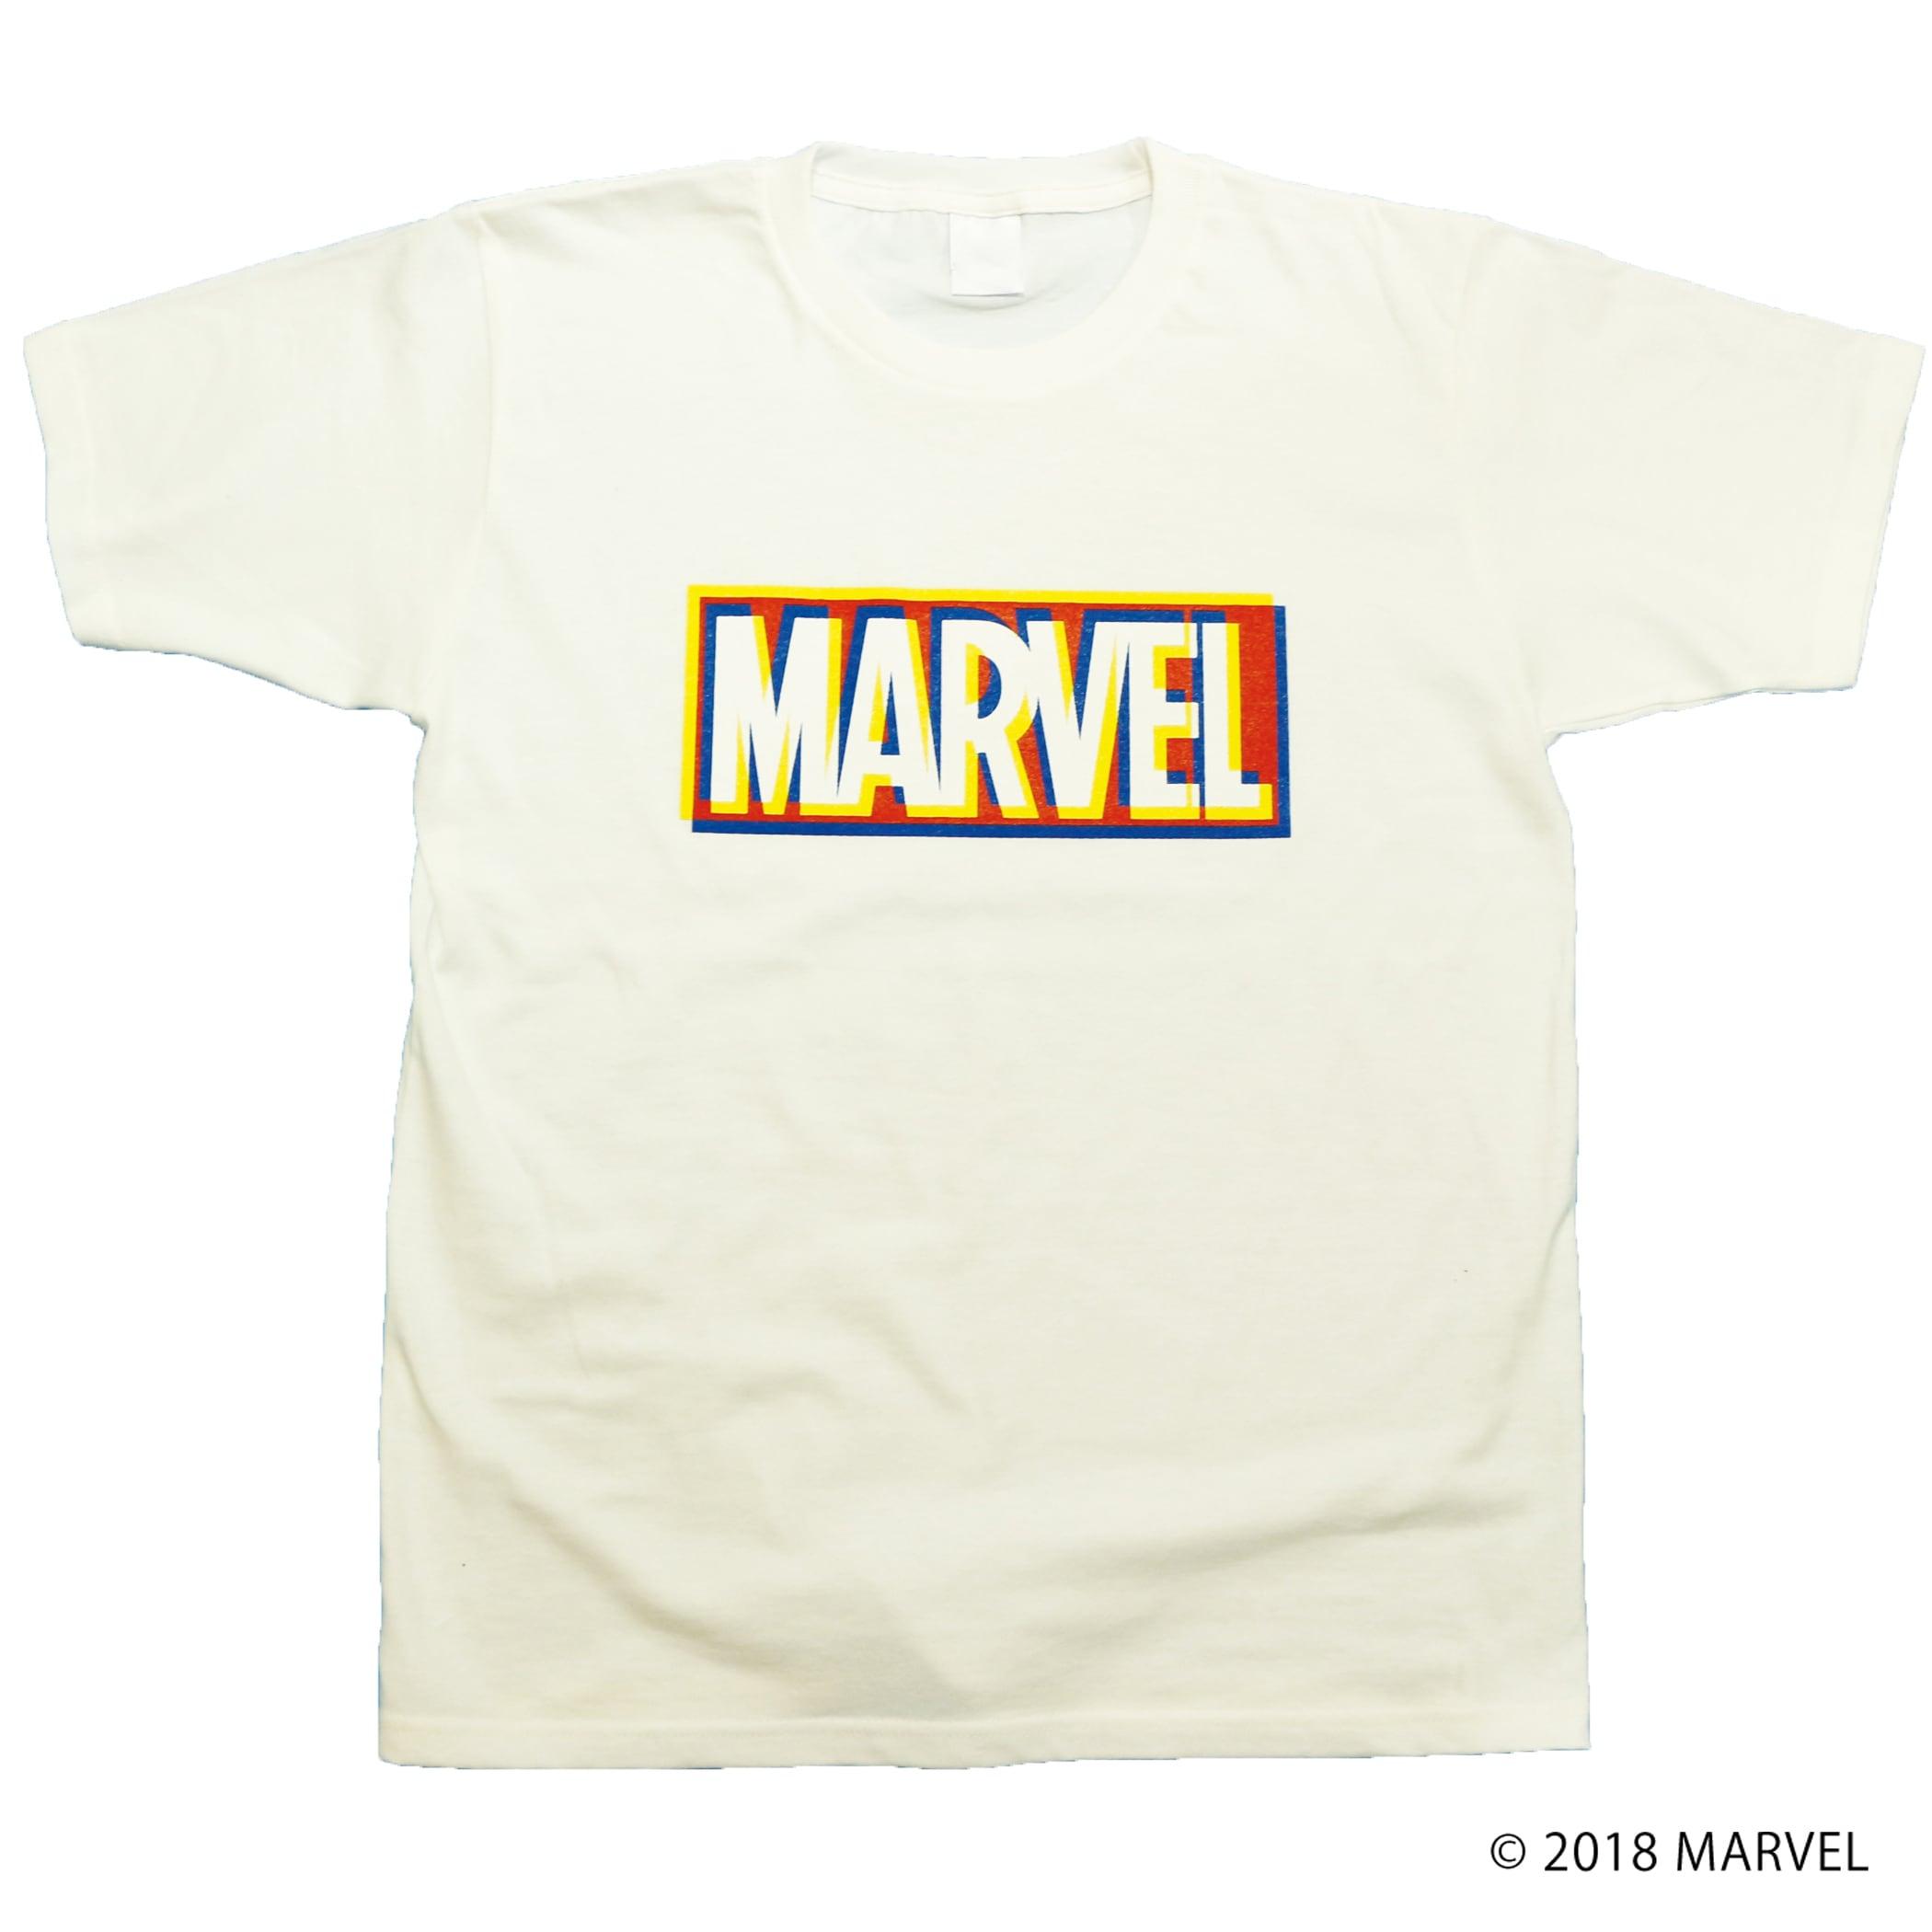 【マーベル】MARVELロゴ|3D Tシャツ